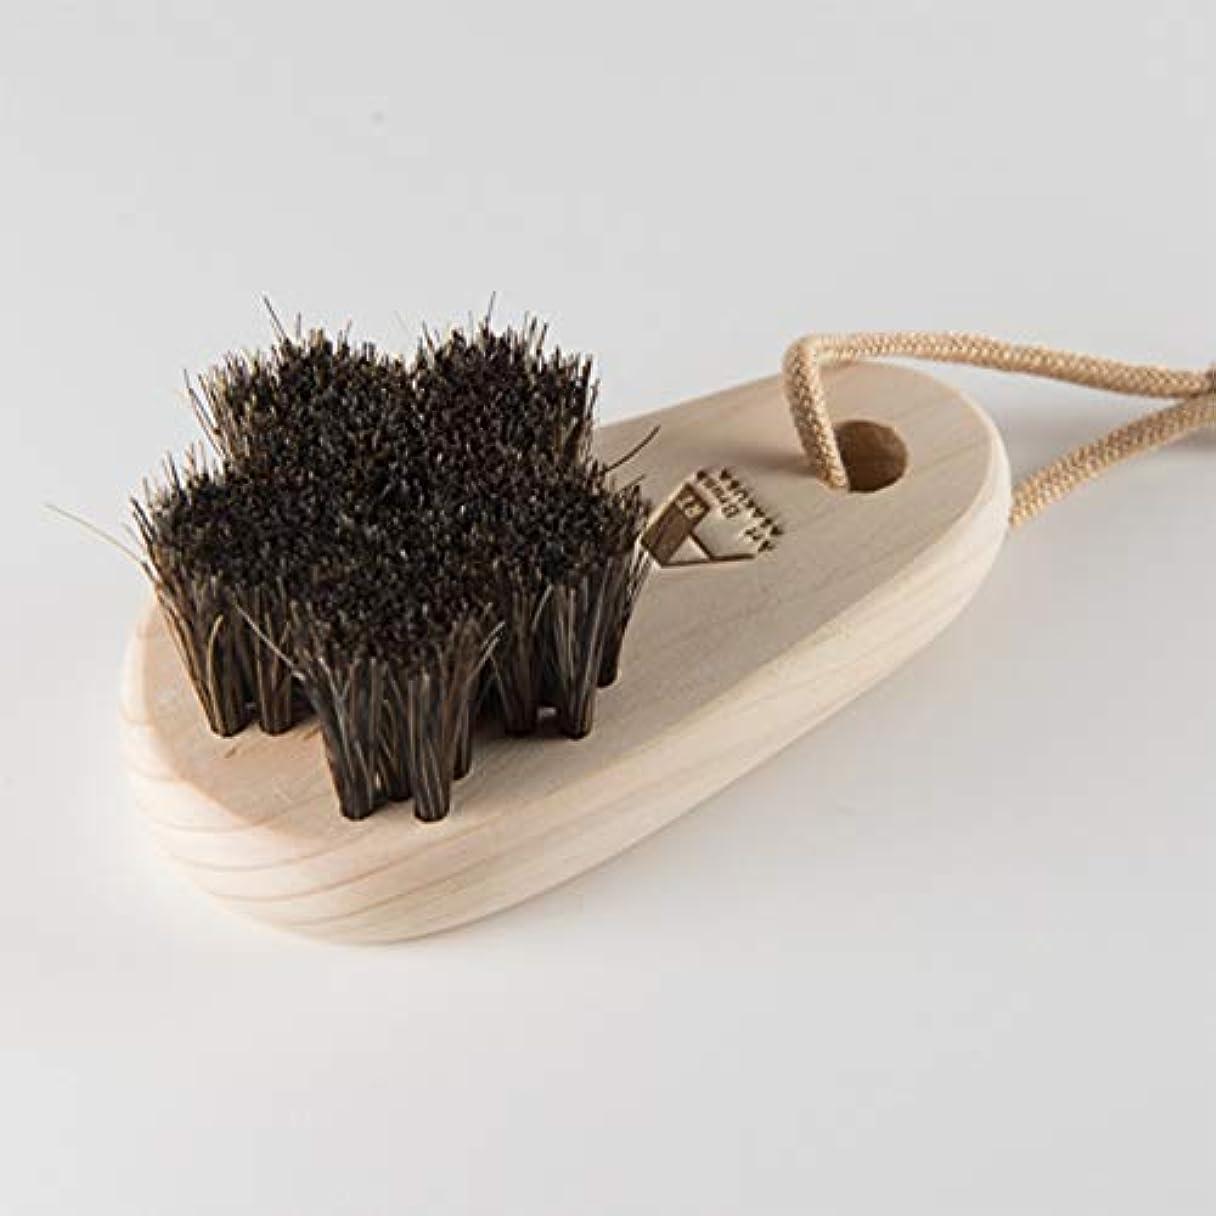 書き出すネコワゴン浅草アートブラシ 馬毛のフットブラシ「さくら」